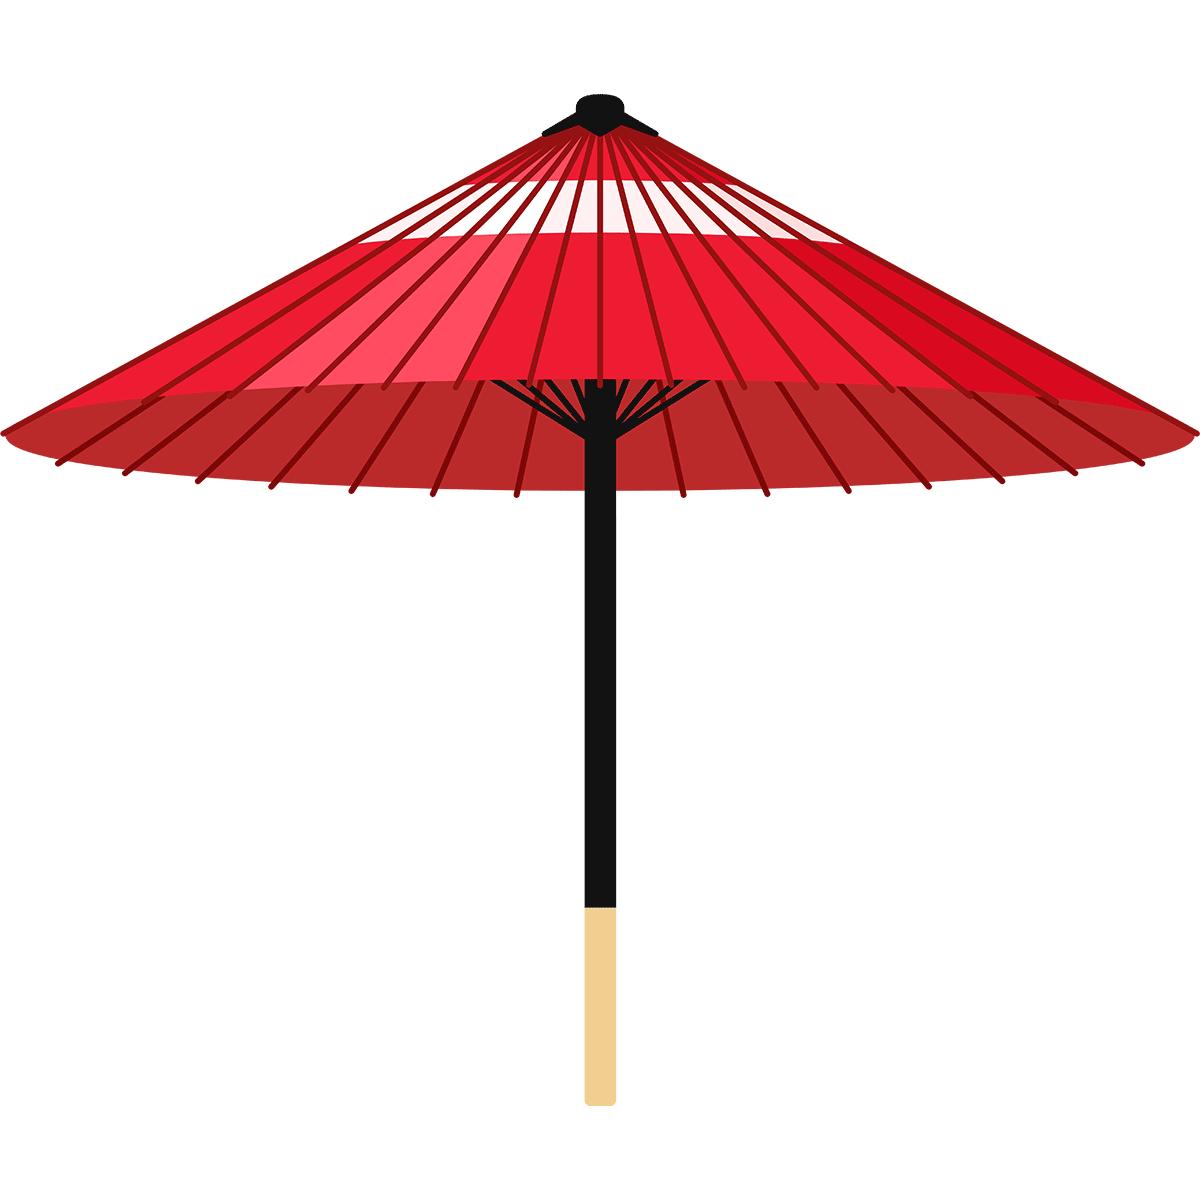 和傘の無料イラスト